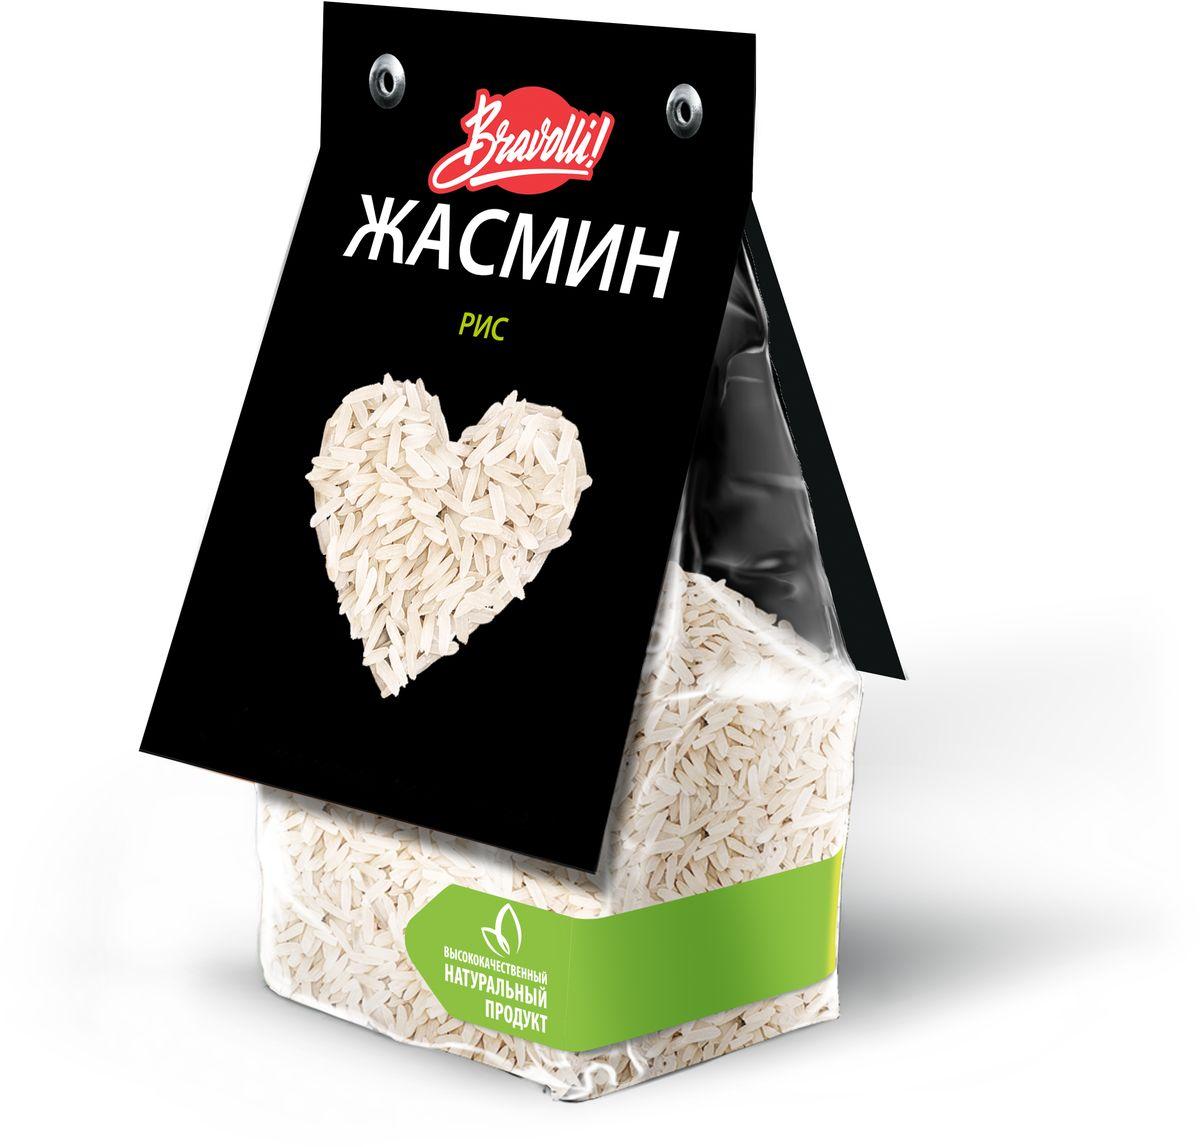 Bravolli Жасмин рис, 350 г0120710Рис Жасмин - белый длиннозерный рис, который обладает природным (натуральным) ароматом, напоминающим благоухание белого цветка жасмина.